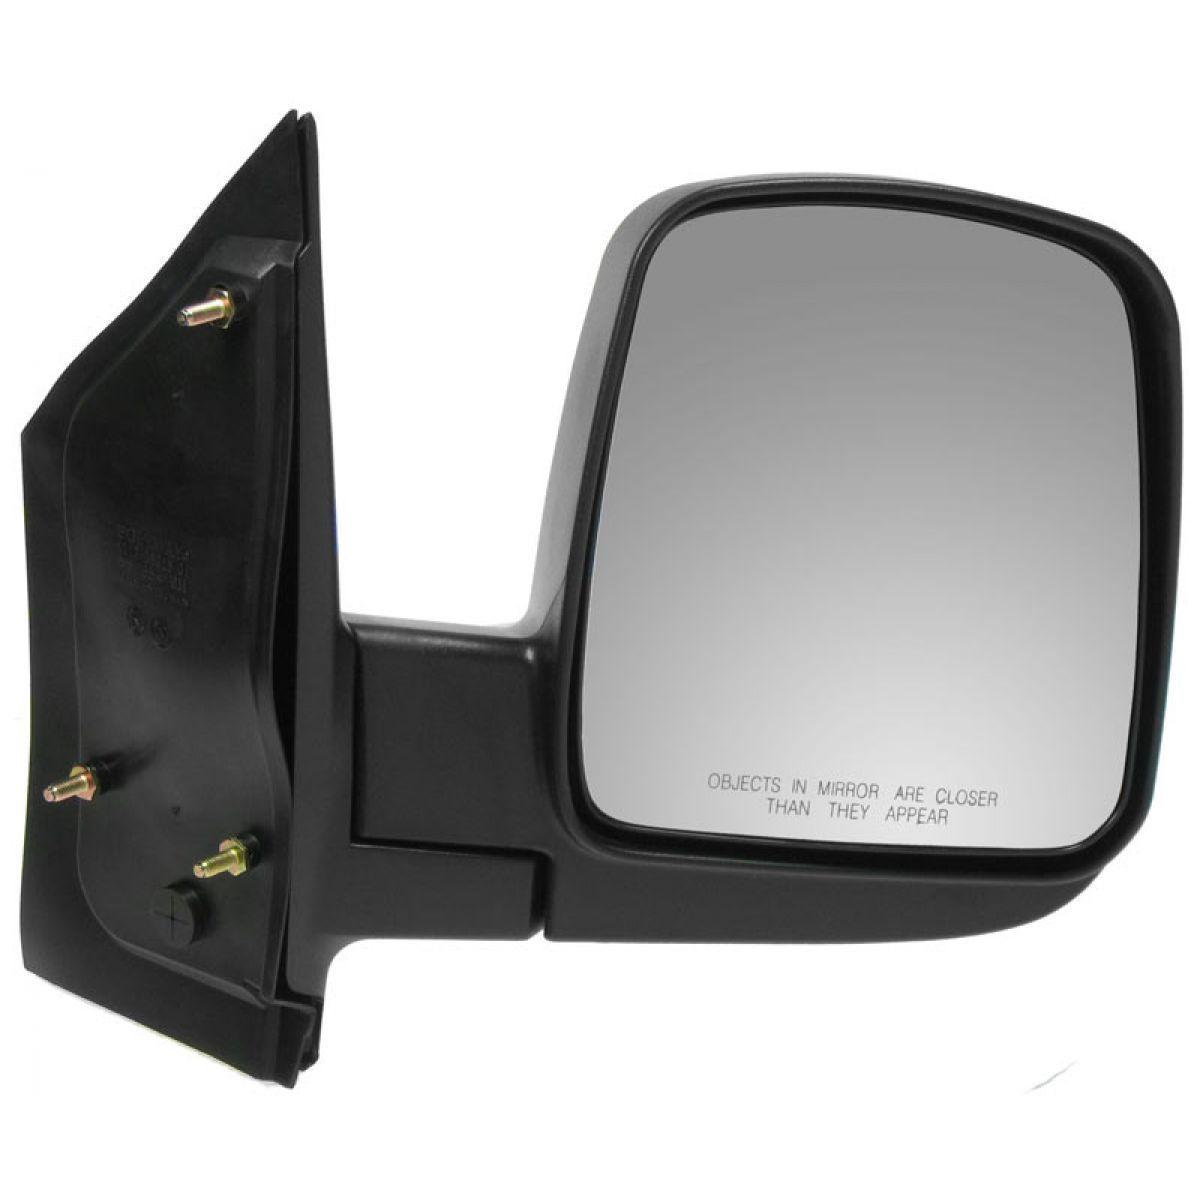 USミラー 乗客右RHマニュアルサイドミラー03-10シボレーエクスプレスGMCサバナ Passengers Right RH Manual Side Mirror for a 03-10 Chevrolet Express GMC Savana